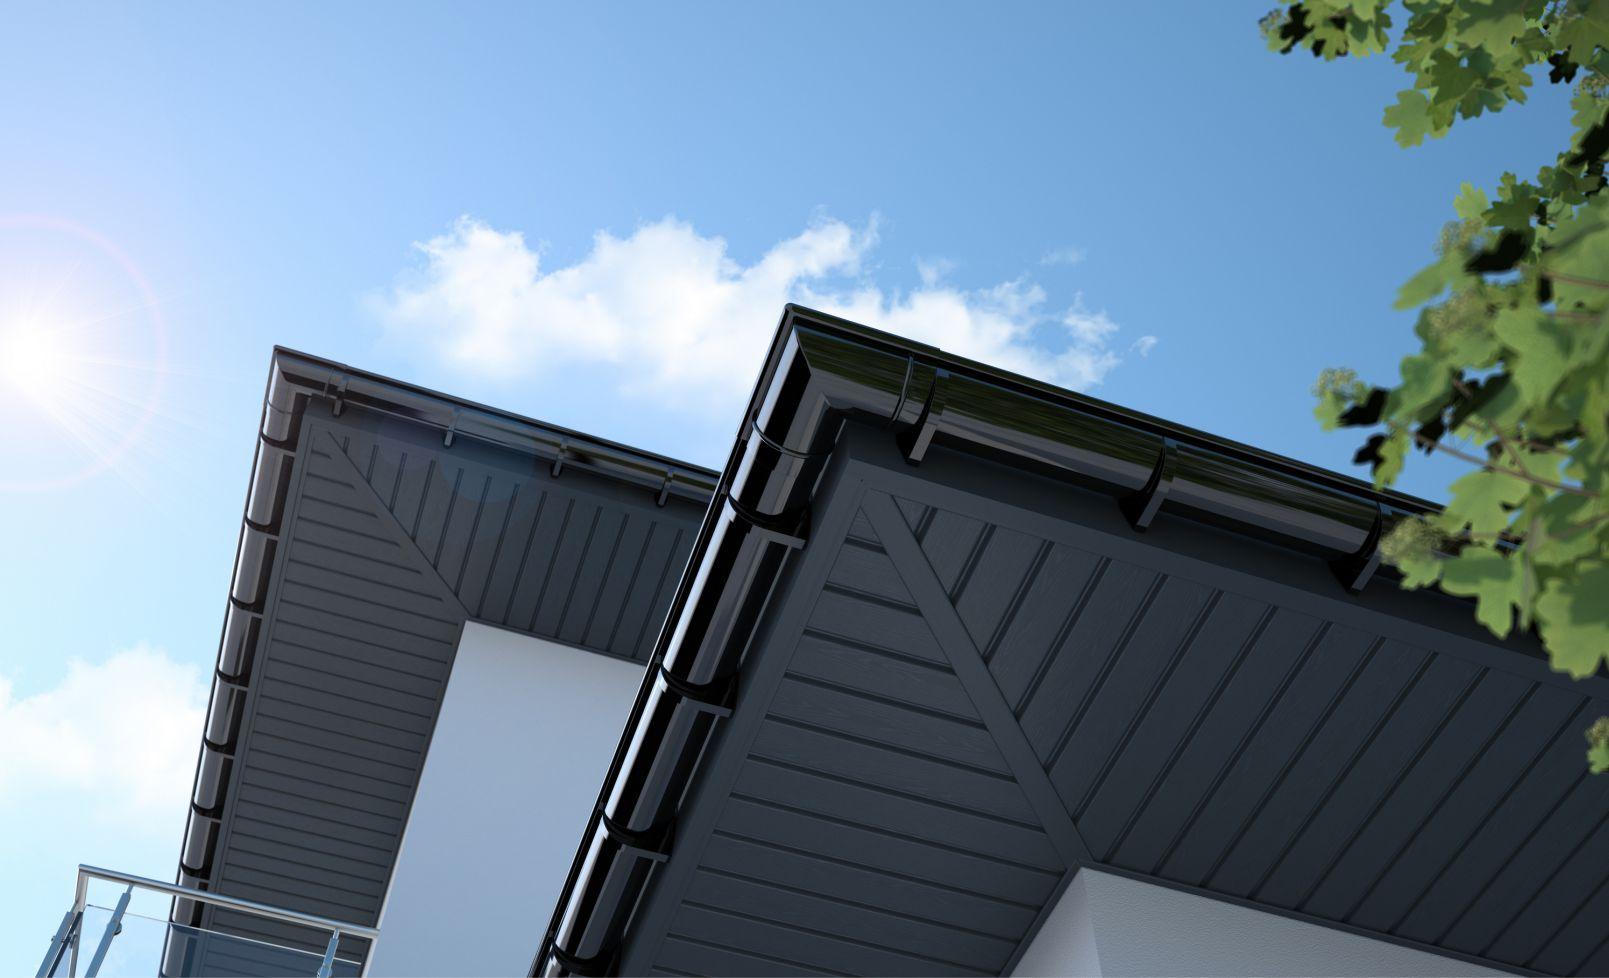 budowa-domu-odwodnienie-nadmiaru-wody-z-dachu-i-stref-przydomowych